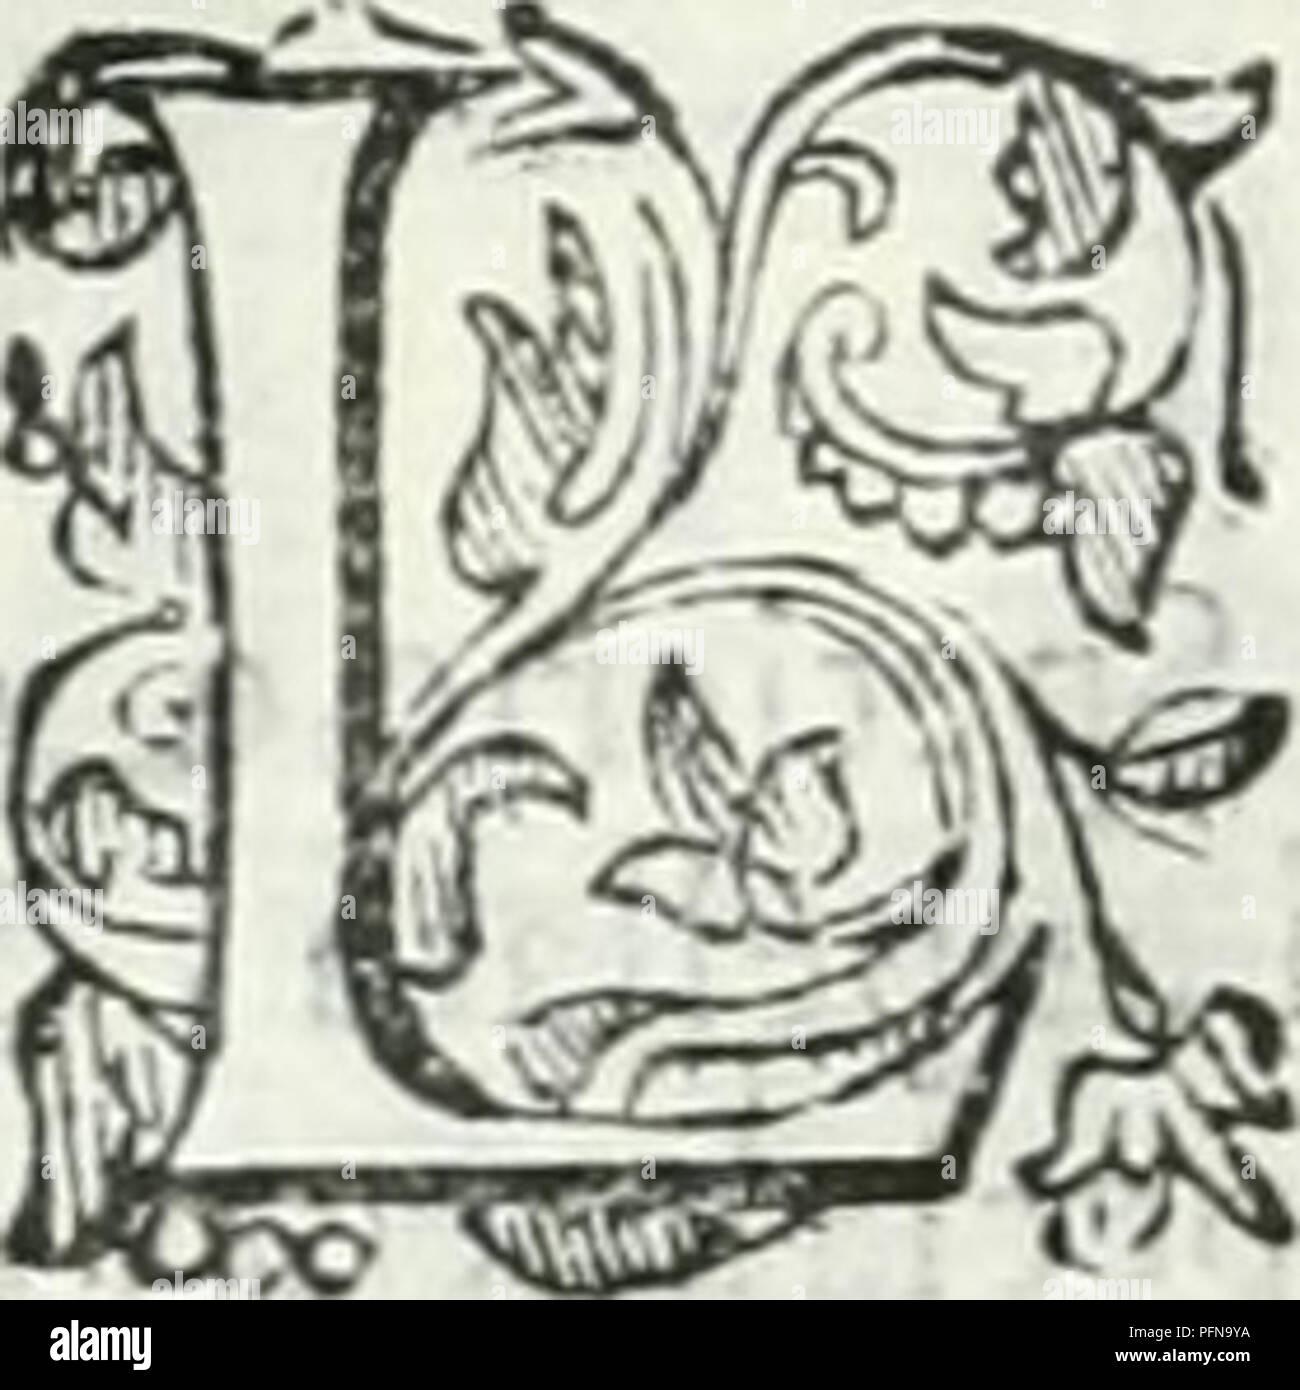 """. Dell'Elixir vità ¦. Das Elixier des Lebens; Destillation; Alchemie; Heilpflanzen; Medizin; Workshop Rezepte. 6% Dell'Elixir CalliVitse Adiamo, """"tricon, &Amp; Poli tricon col Ca-pti Venere Lo No vna mecieli-ma coi"""" ein. Quii ira, e virtù del Capei Ader re. i'ar: Ich del Corpo, der prenderlo. rimedio Dal ca-pti Venere, go-h> ilnca, p< r-Strähne polmone. Al fla^o del Adr il capei pò fi di Venere. TI Cardo, fanto carjq benedet à ¨ Nein - minato, anche. Cnico, &Amp; Arrra-rife che Cola_, fiano. Fanto Ridice del Auto à nulla ginua."""" Ridicola più co Ilo che Vera vir tu dej Cardo sa • Con Stockfoto"""